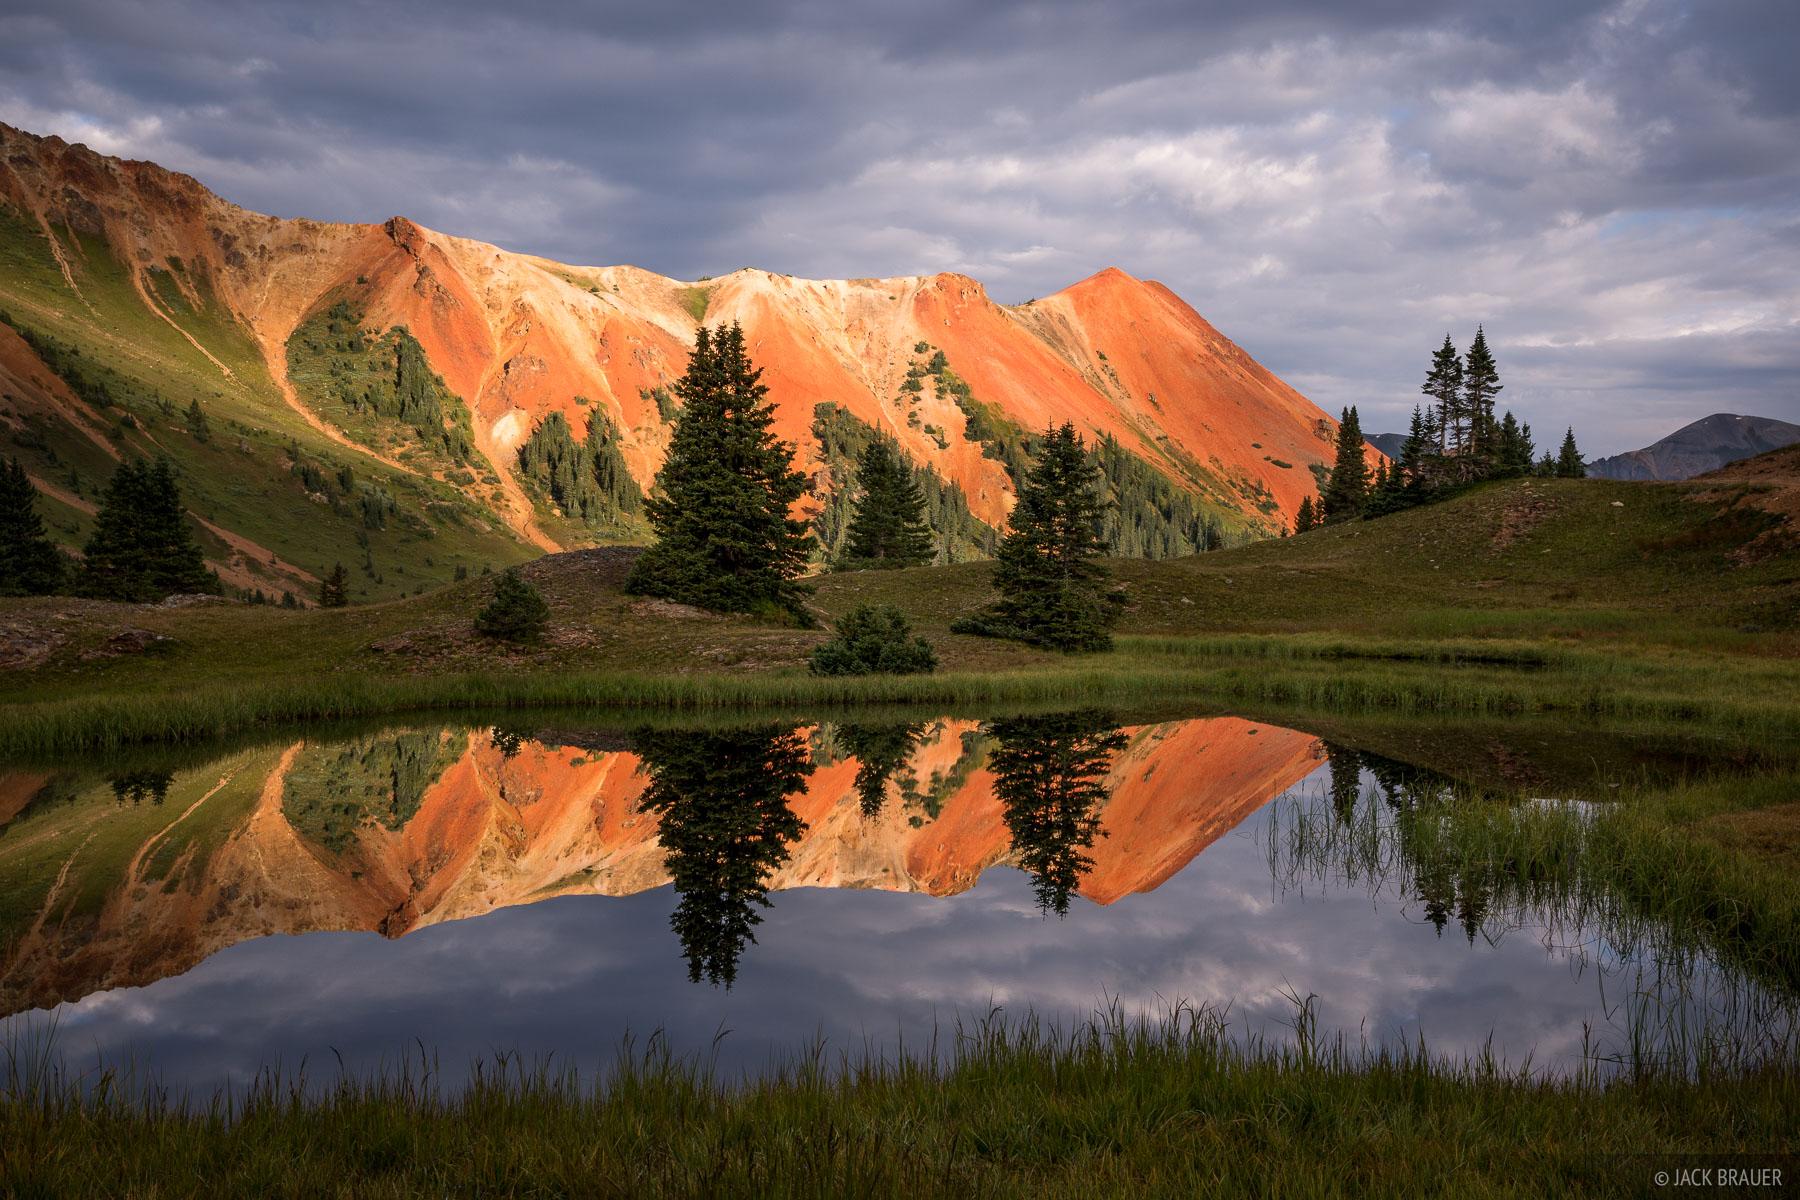 Colorado, Gray Copper Gulch, Red Mountain, San Juan Mountains, photo